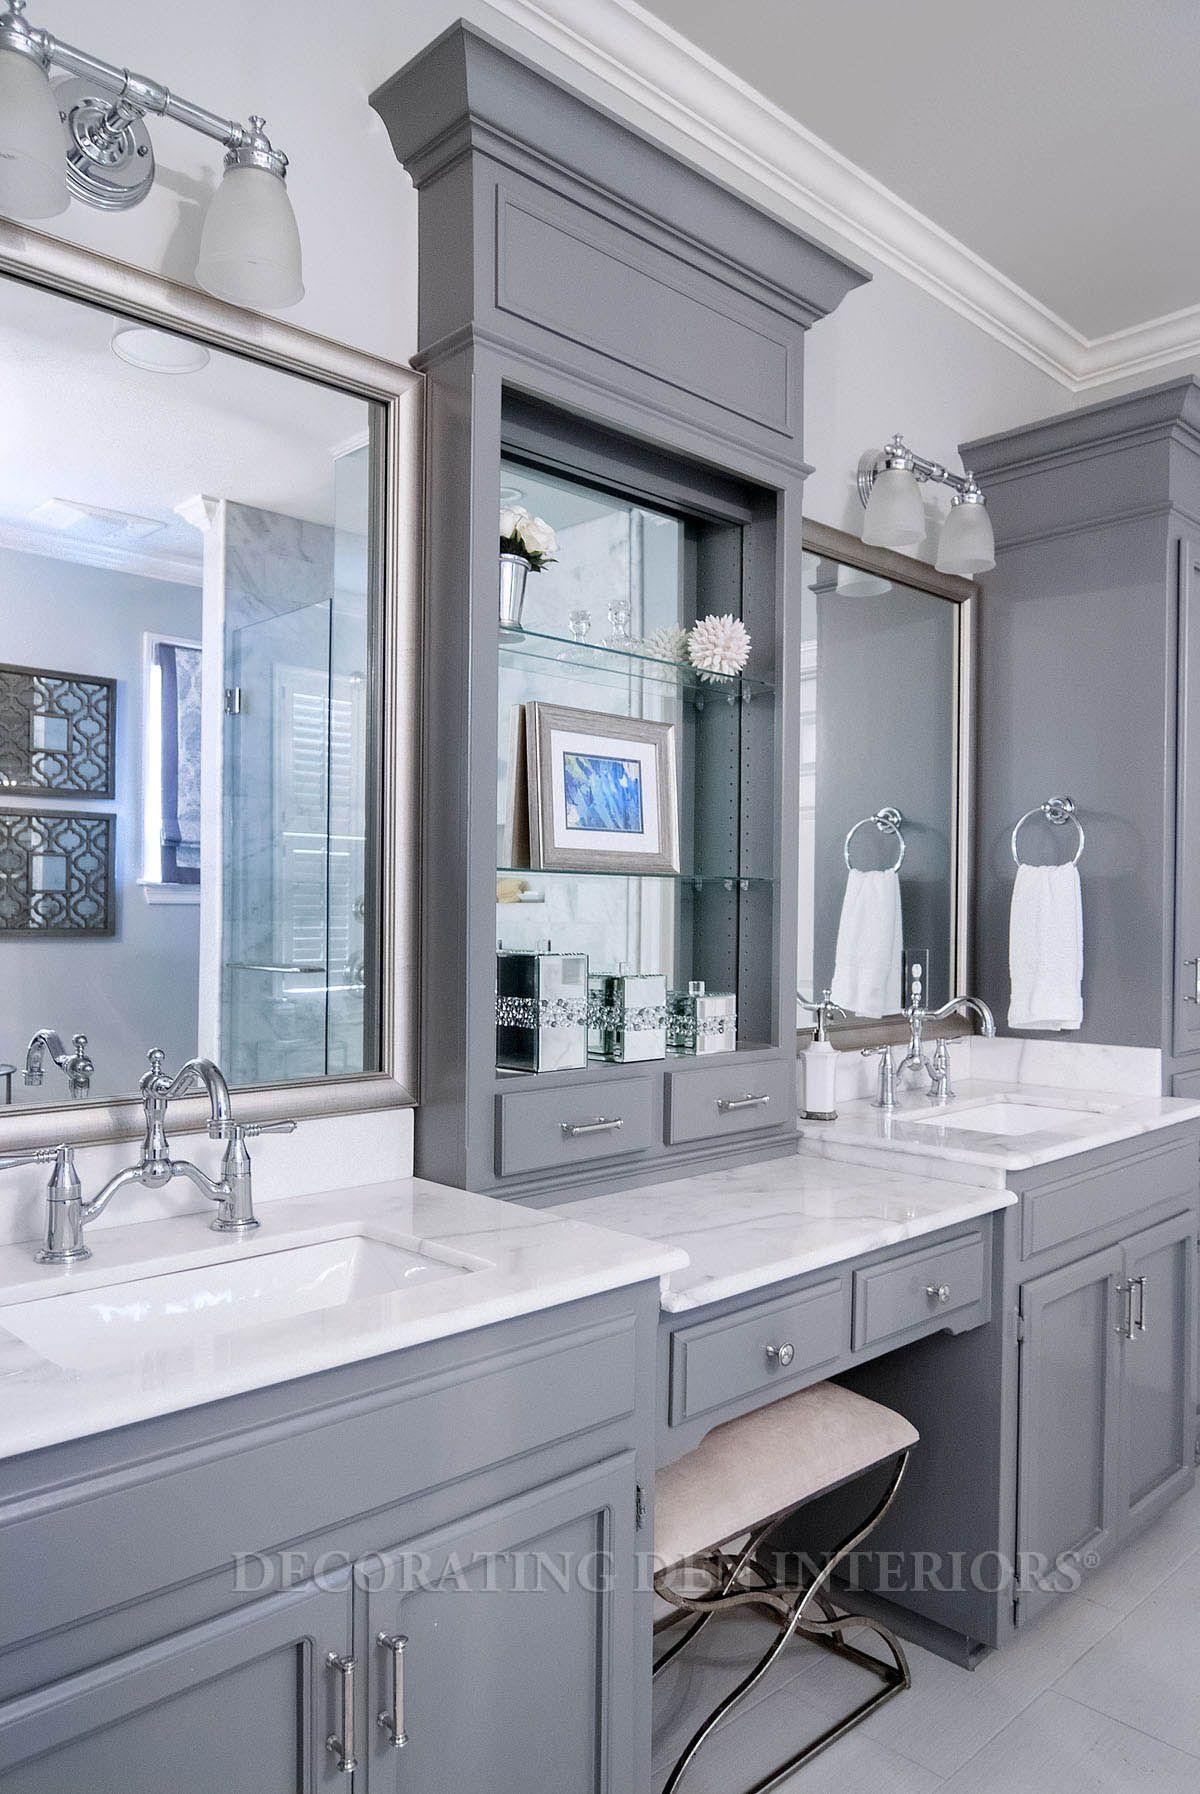 master bathroom remodel transitional bathroom new orleans decorating den badezimmer. Black Bedroom Furniture Sets. Home Design Ideas